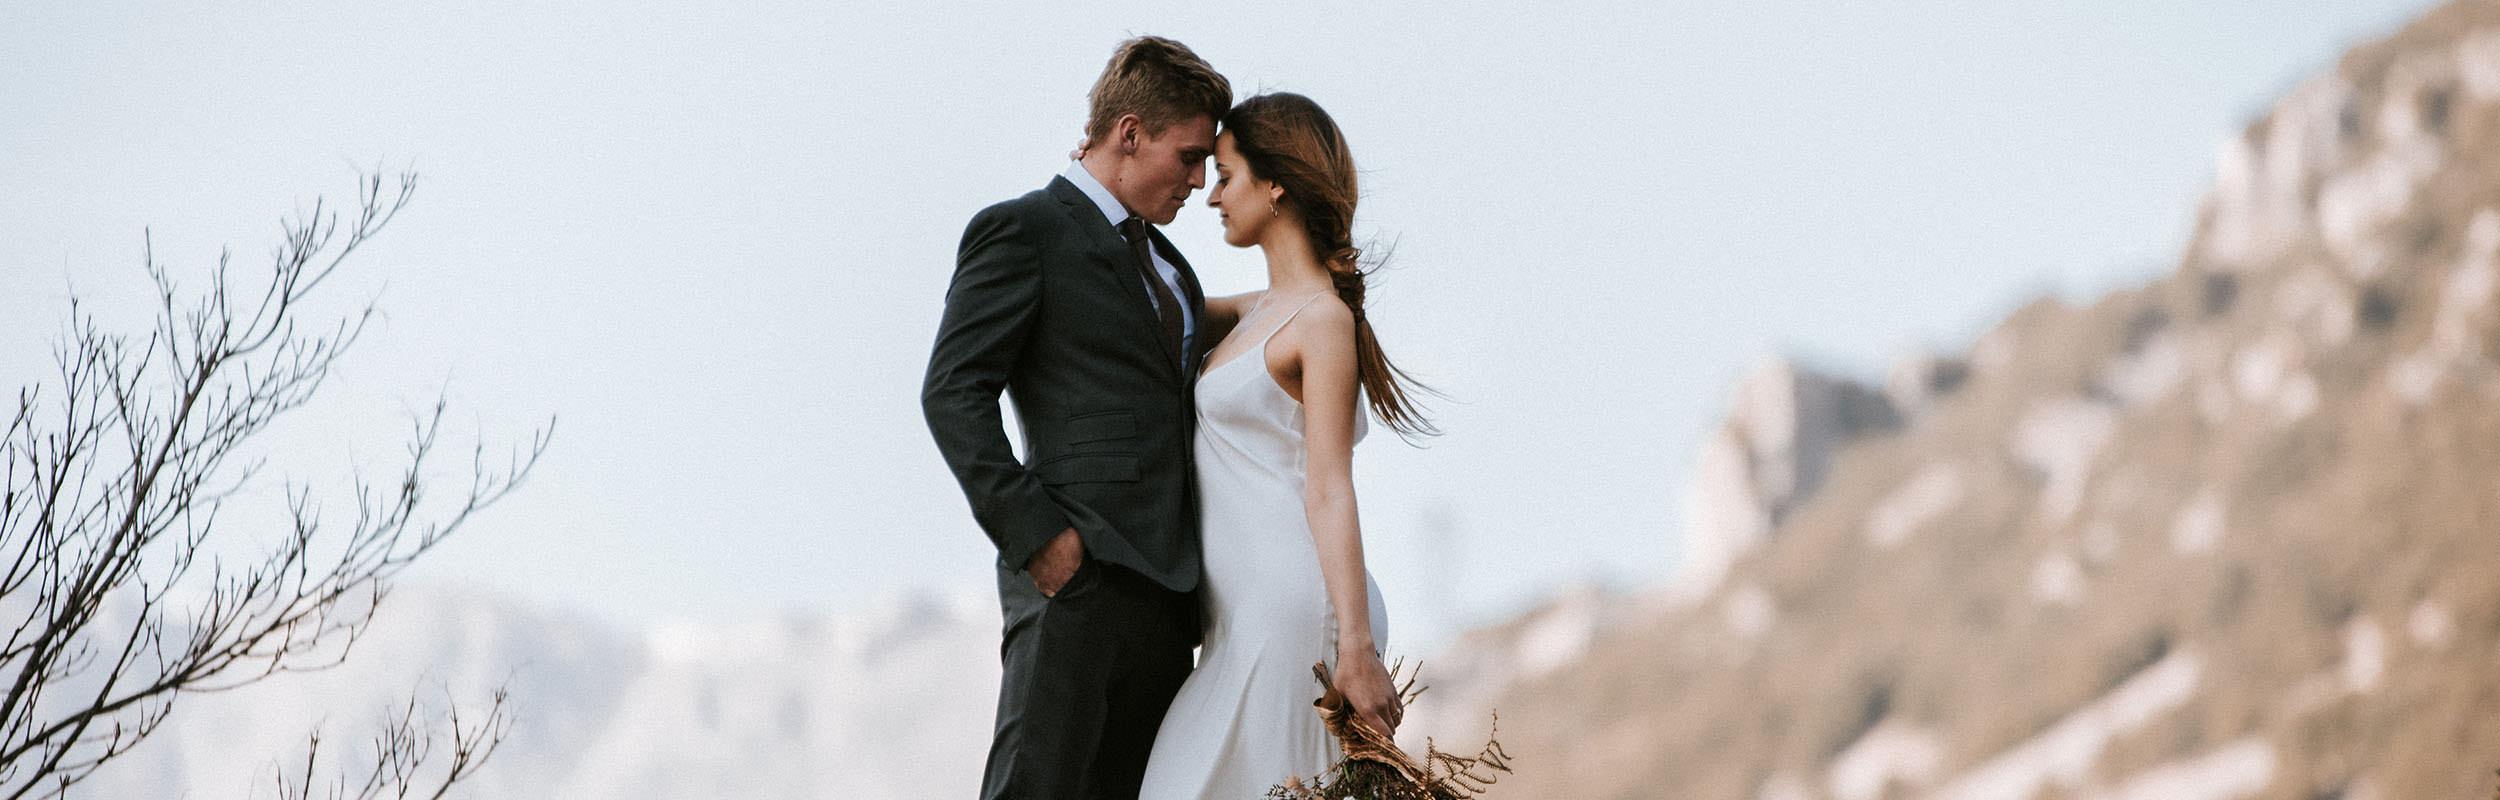 Mariage chic et élégant en porvence à Courmes, près de Nice, Priscillia Hervier